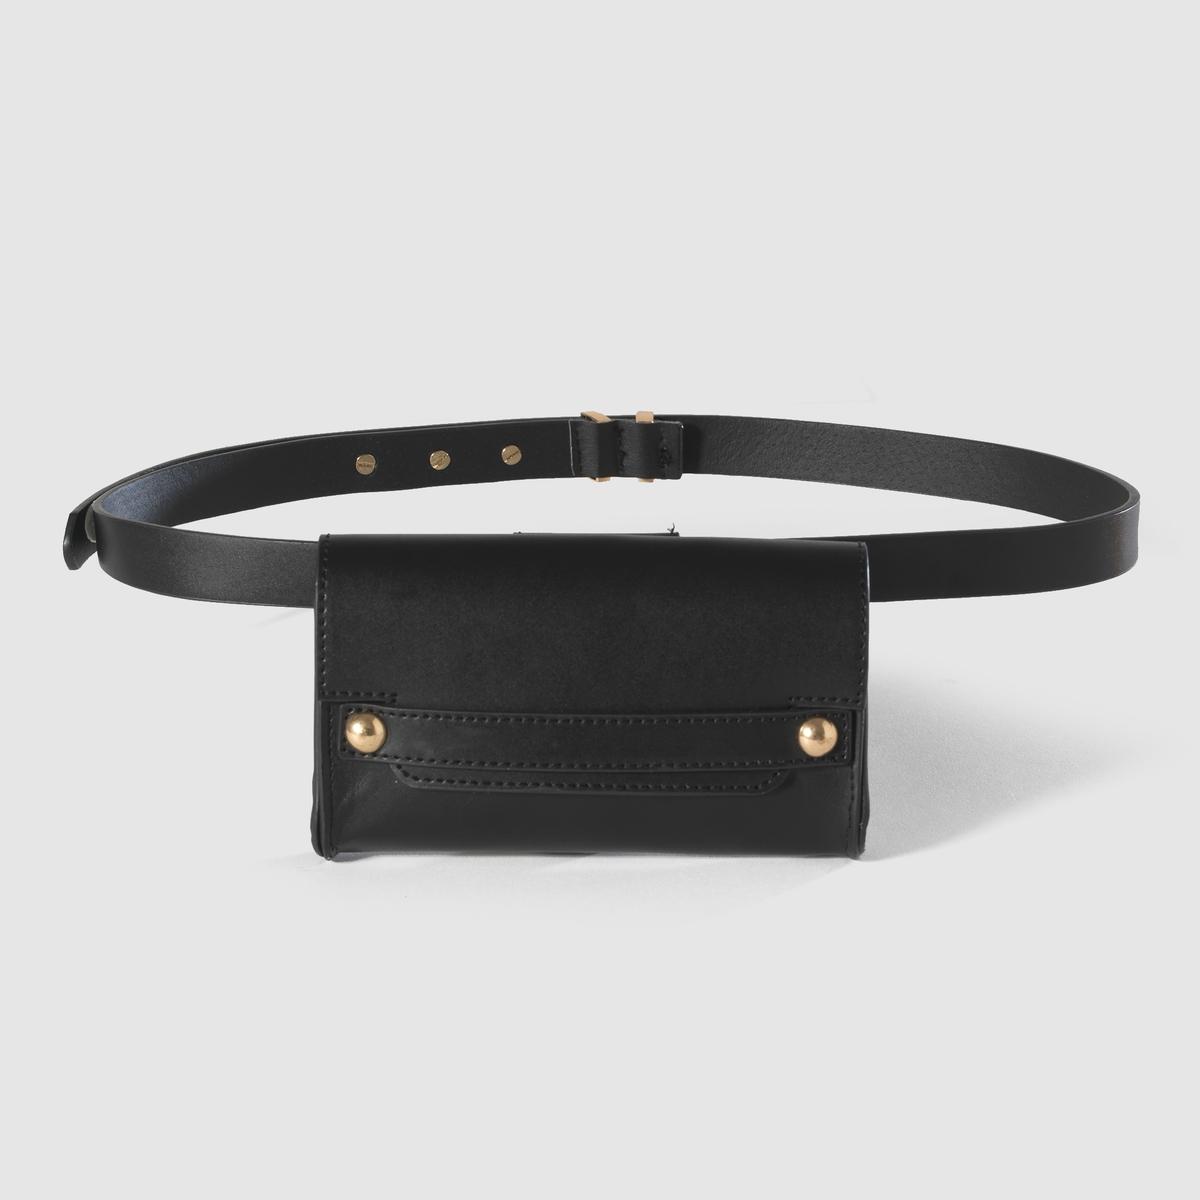 Пояс с сумкойМатериал: кожа.Застежка: металлическая пряжкаШирина: 2 смОбхват талии в см : 80-90-100<br><br>Цвет: черный<br>Размер: 90 см.80 см.100 см